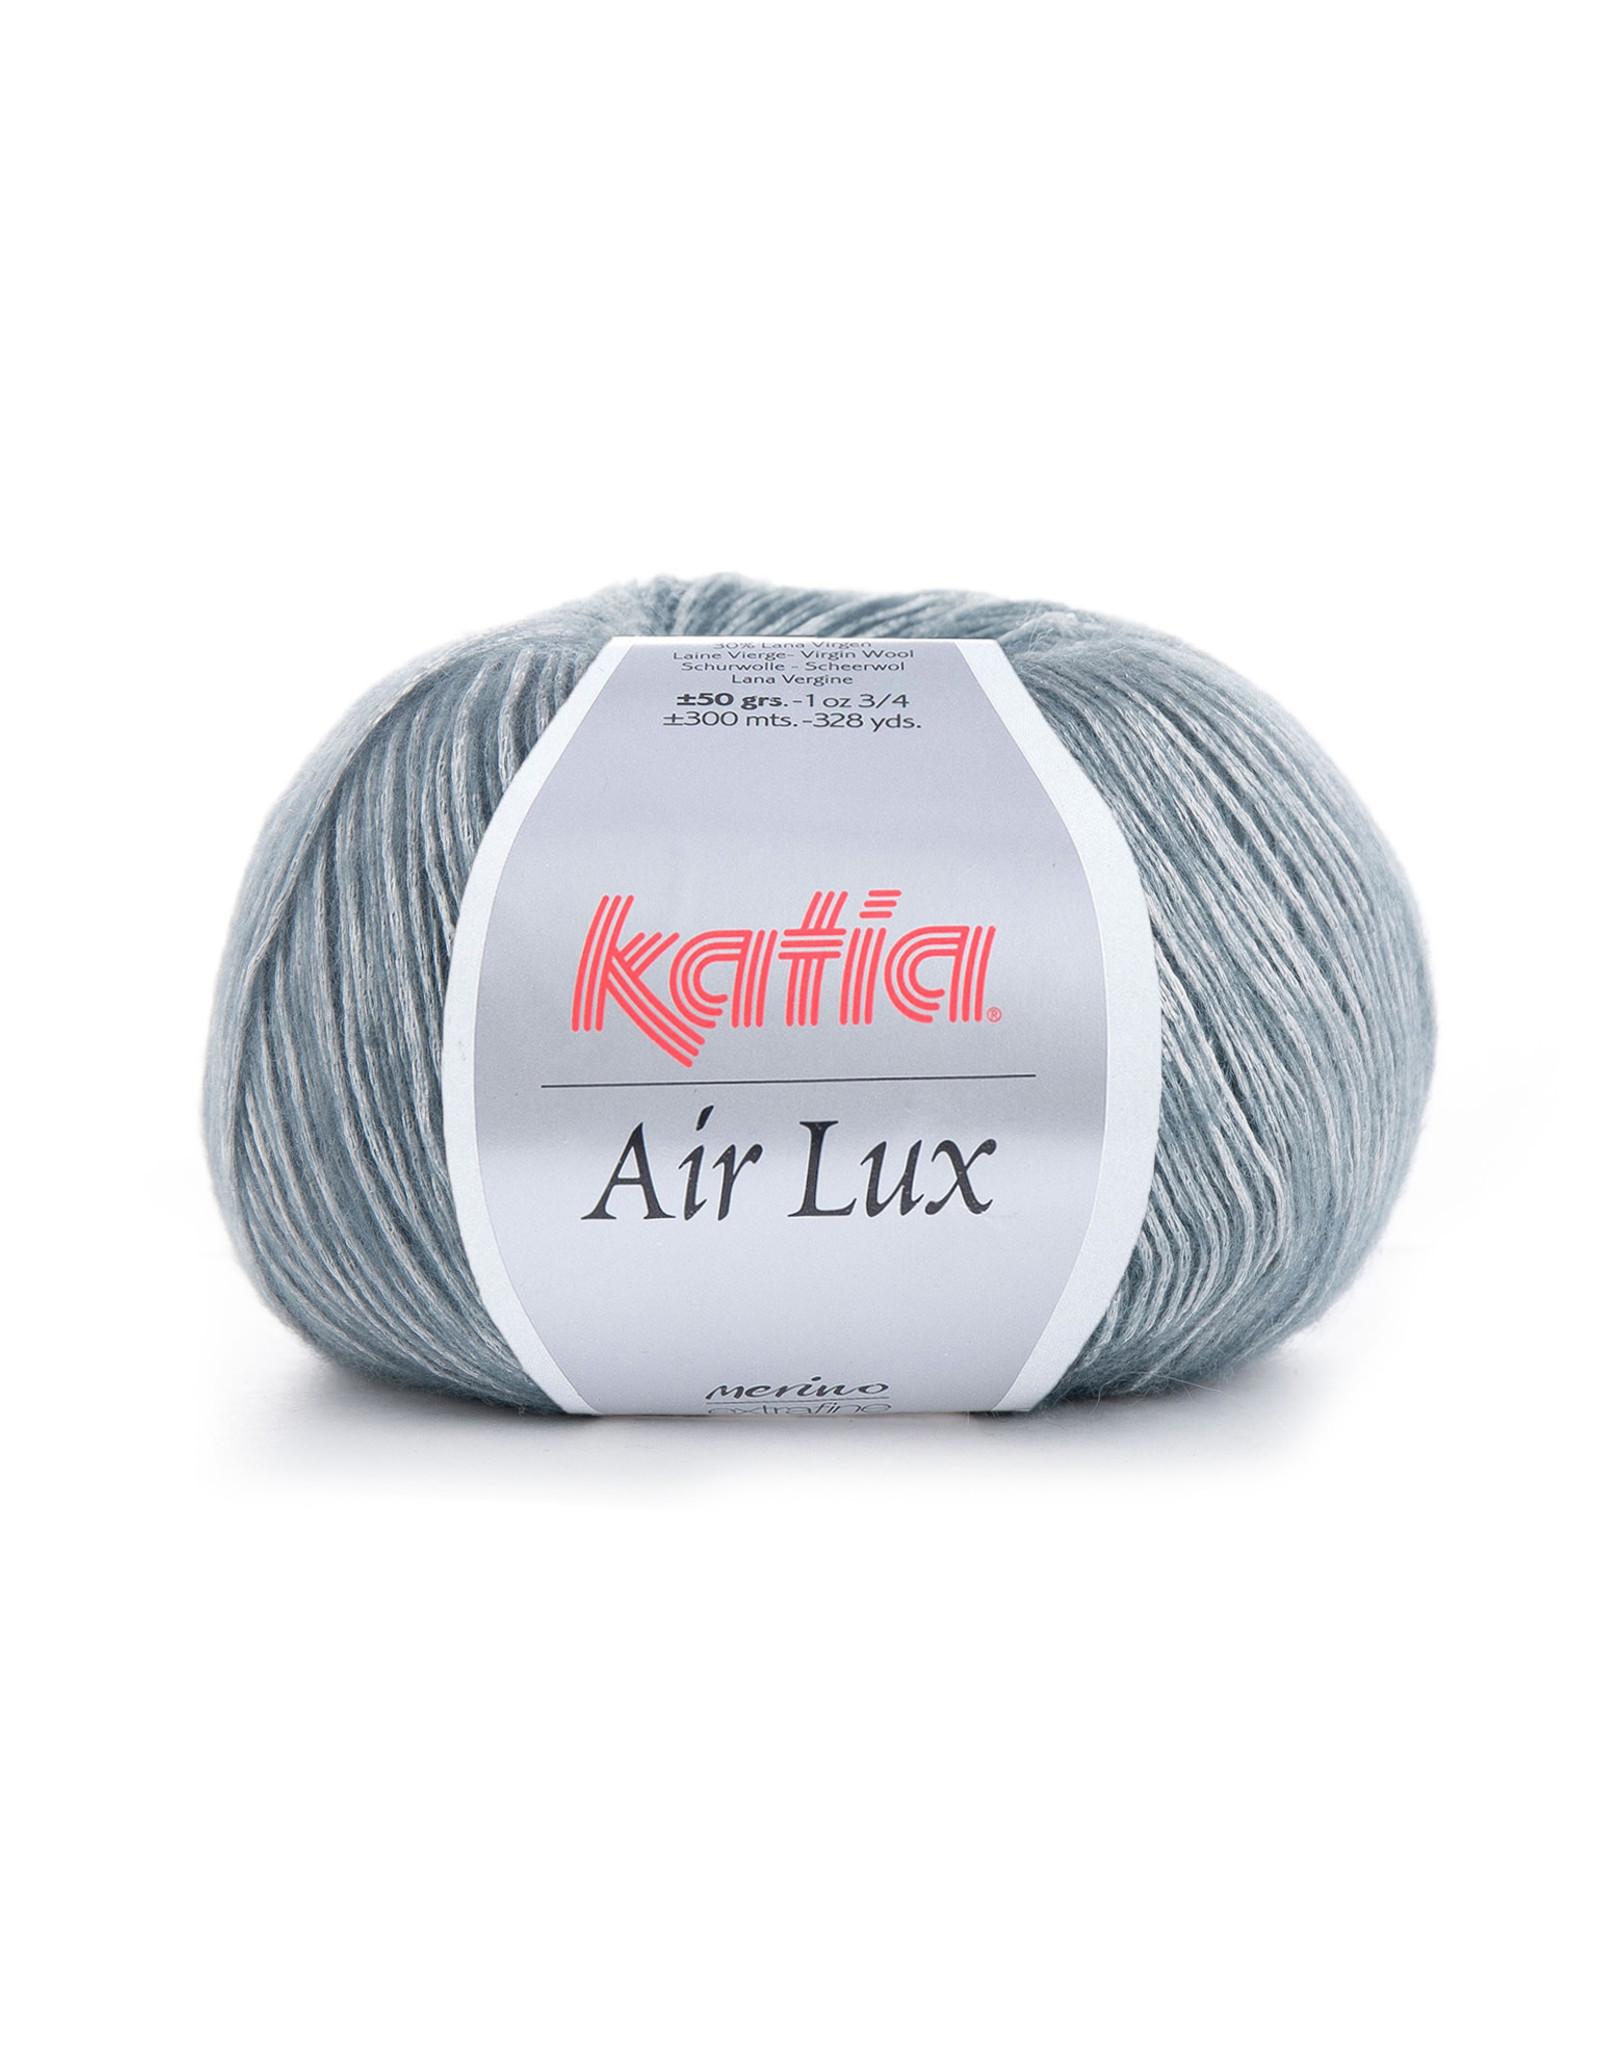 Katia Katia Air Lux 60 - Parelmoer-lichtgrijs